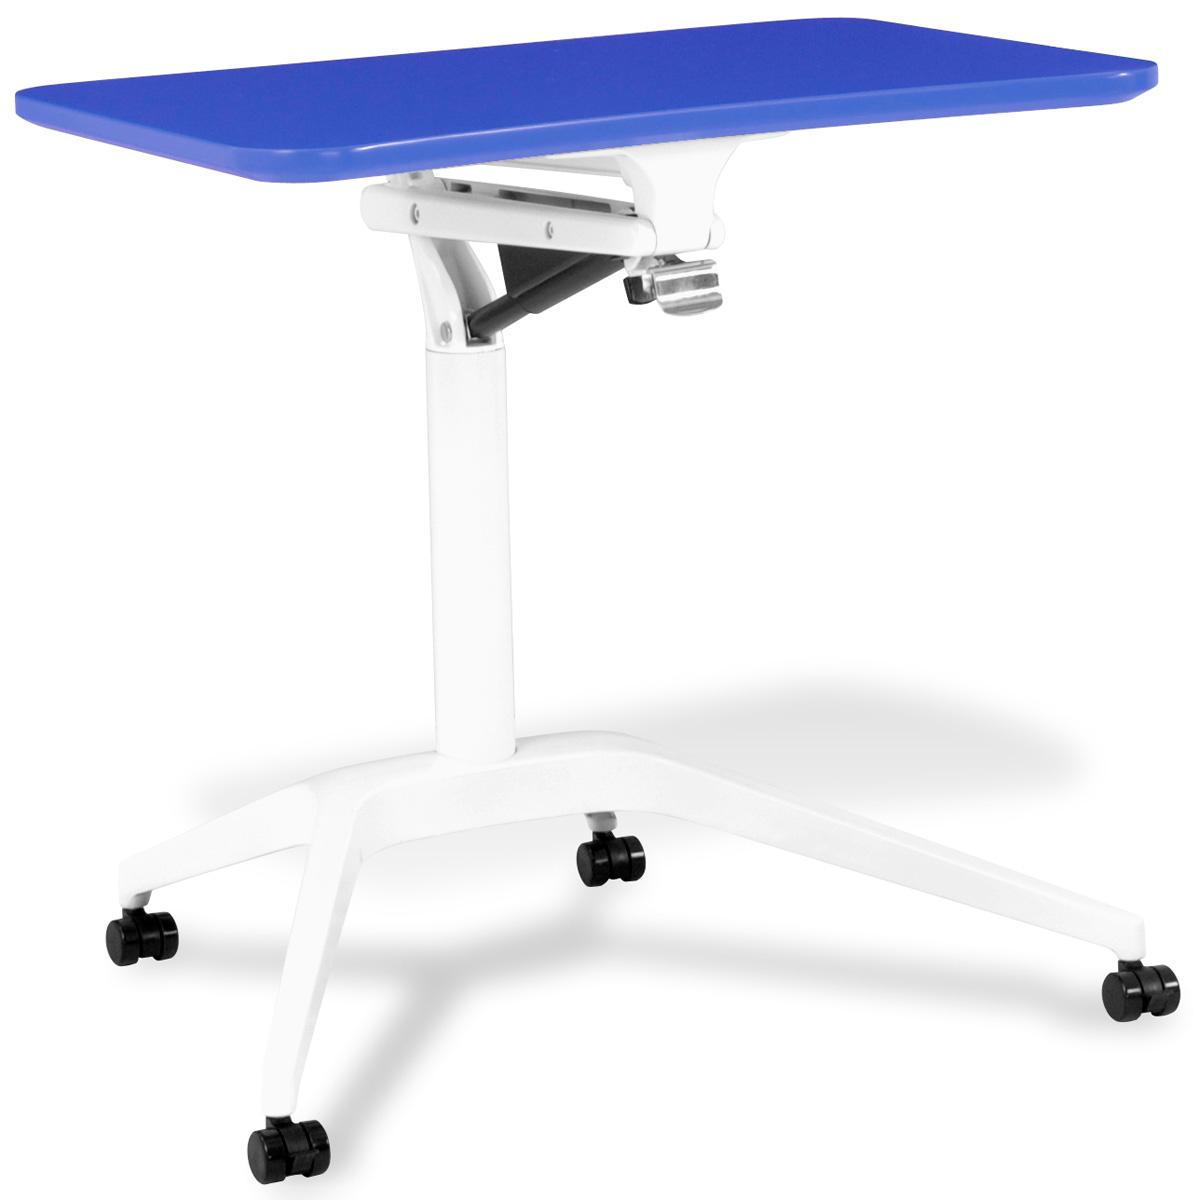 Merveilleux Mobile Laptop Table   Adjustable Height, Blue   UNIQ X201 BLUE ...